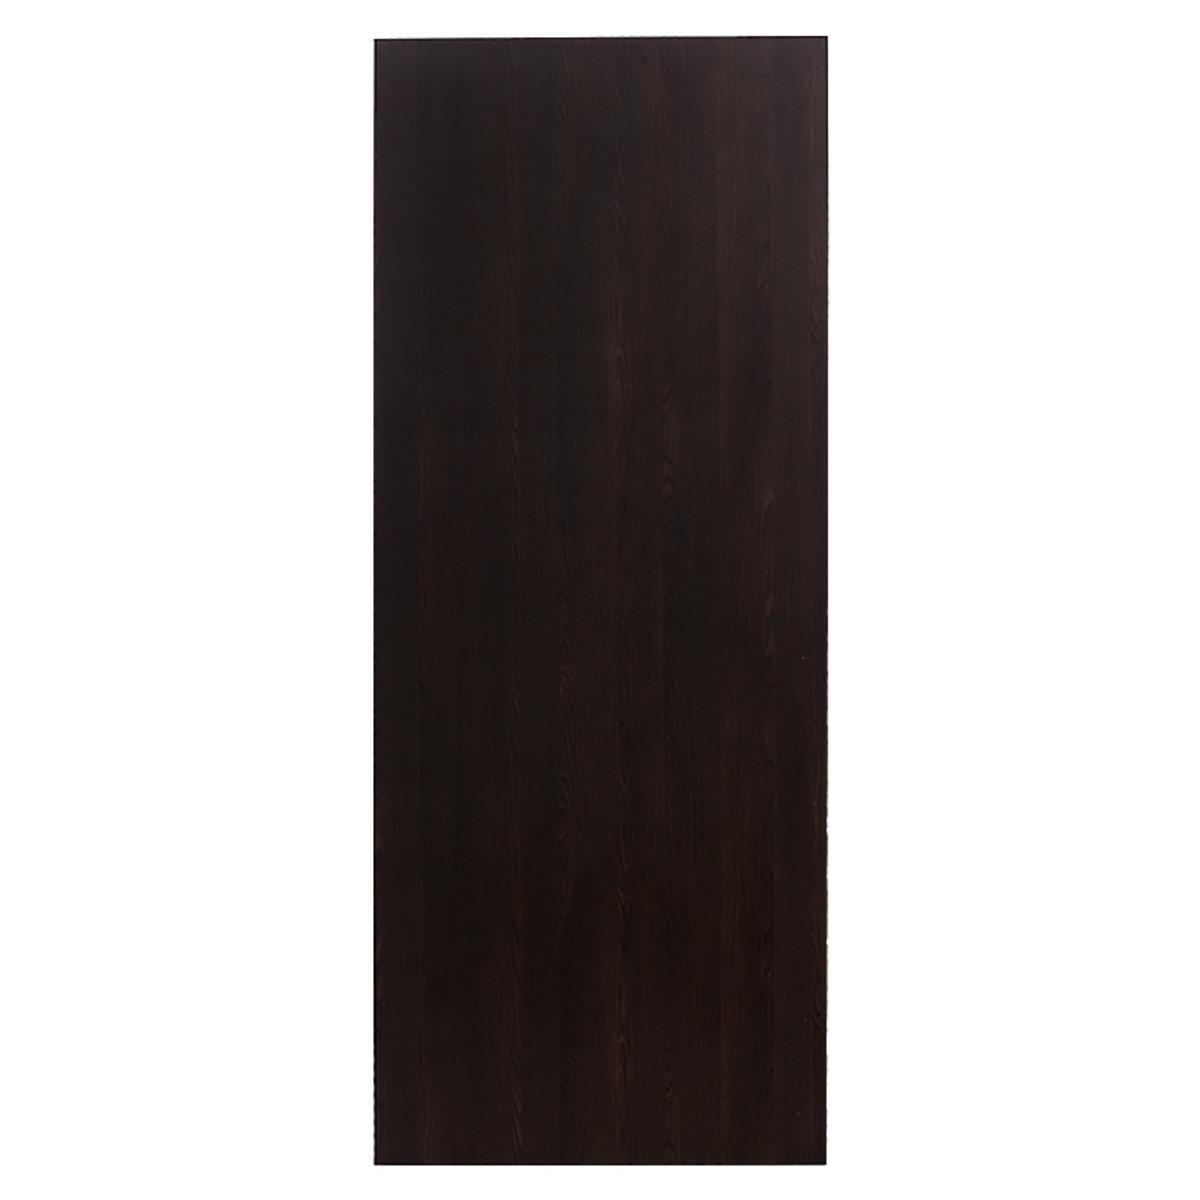 Дверь межкомнатная глухая 90x200 см ламинация цвет венге